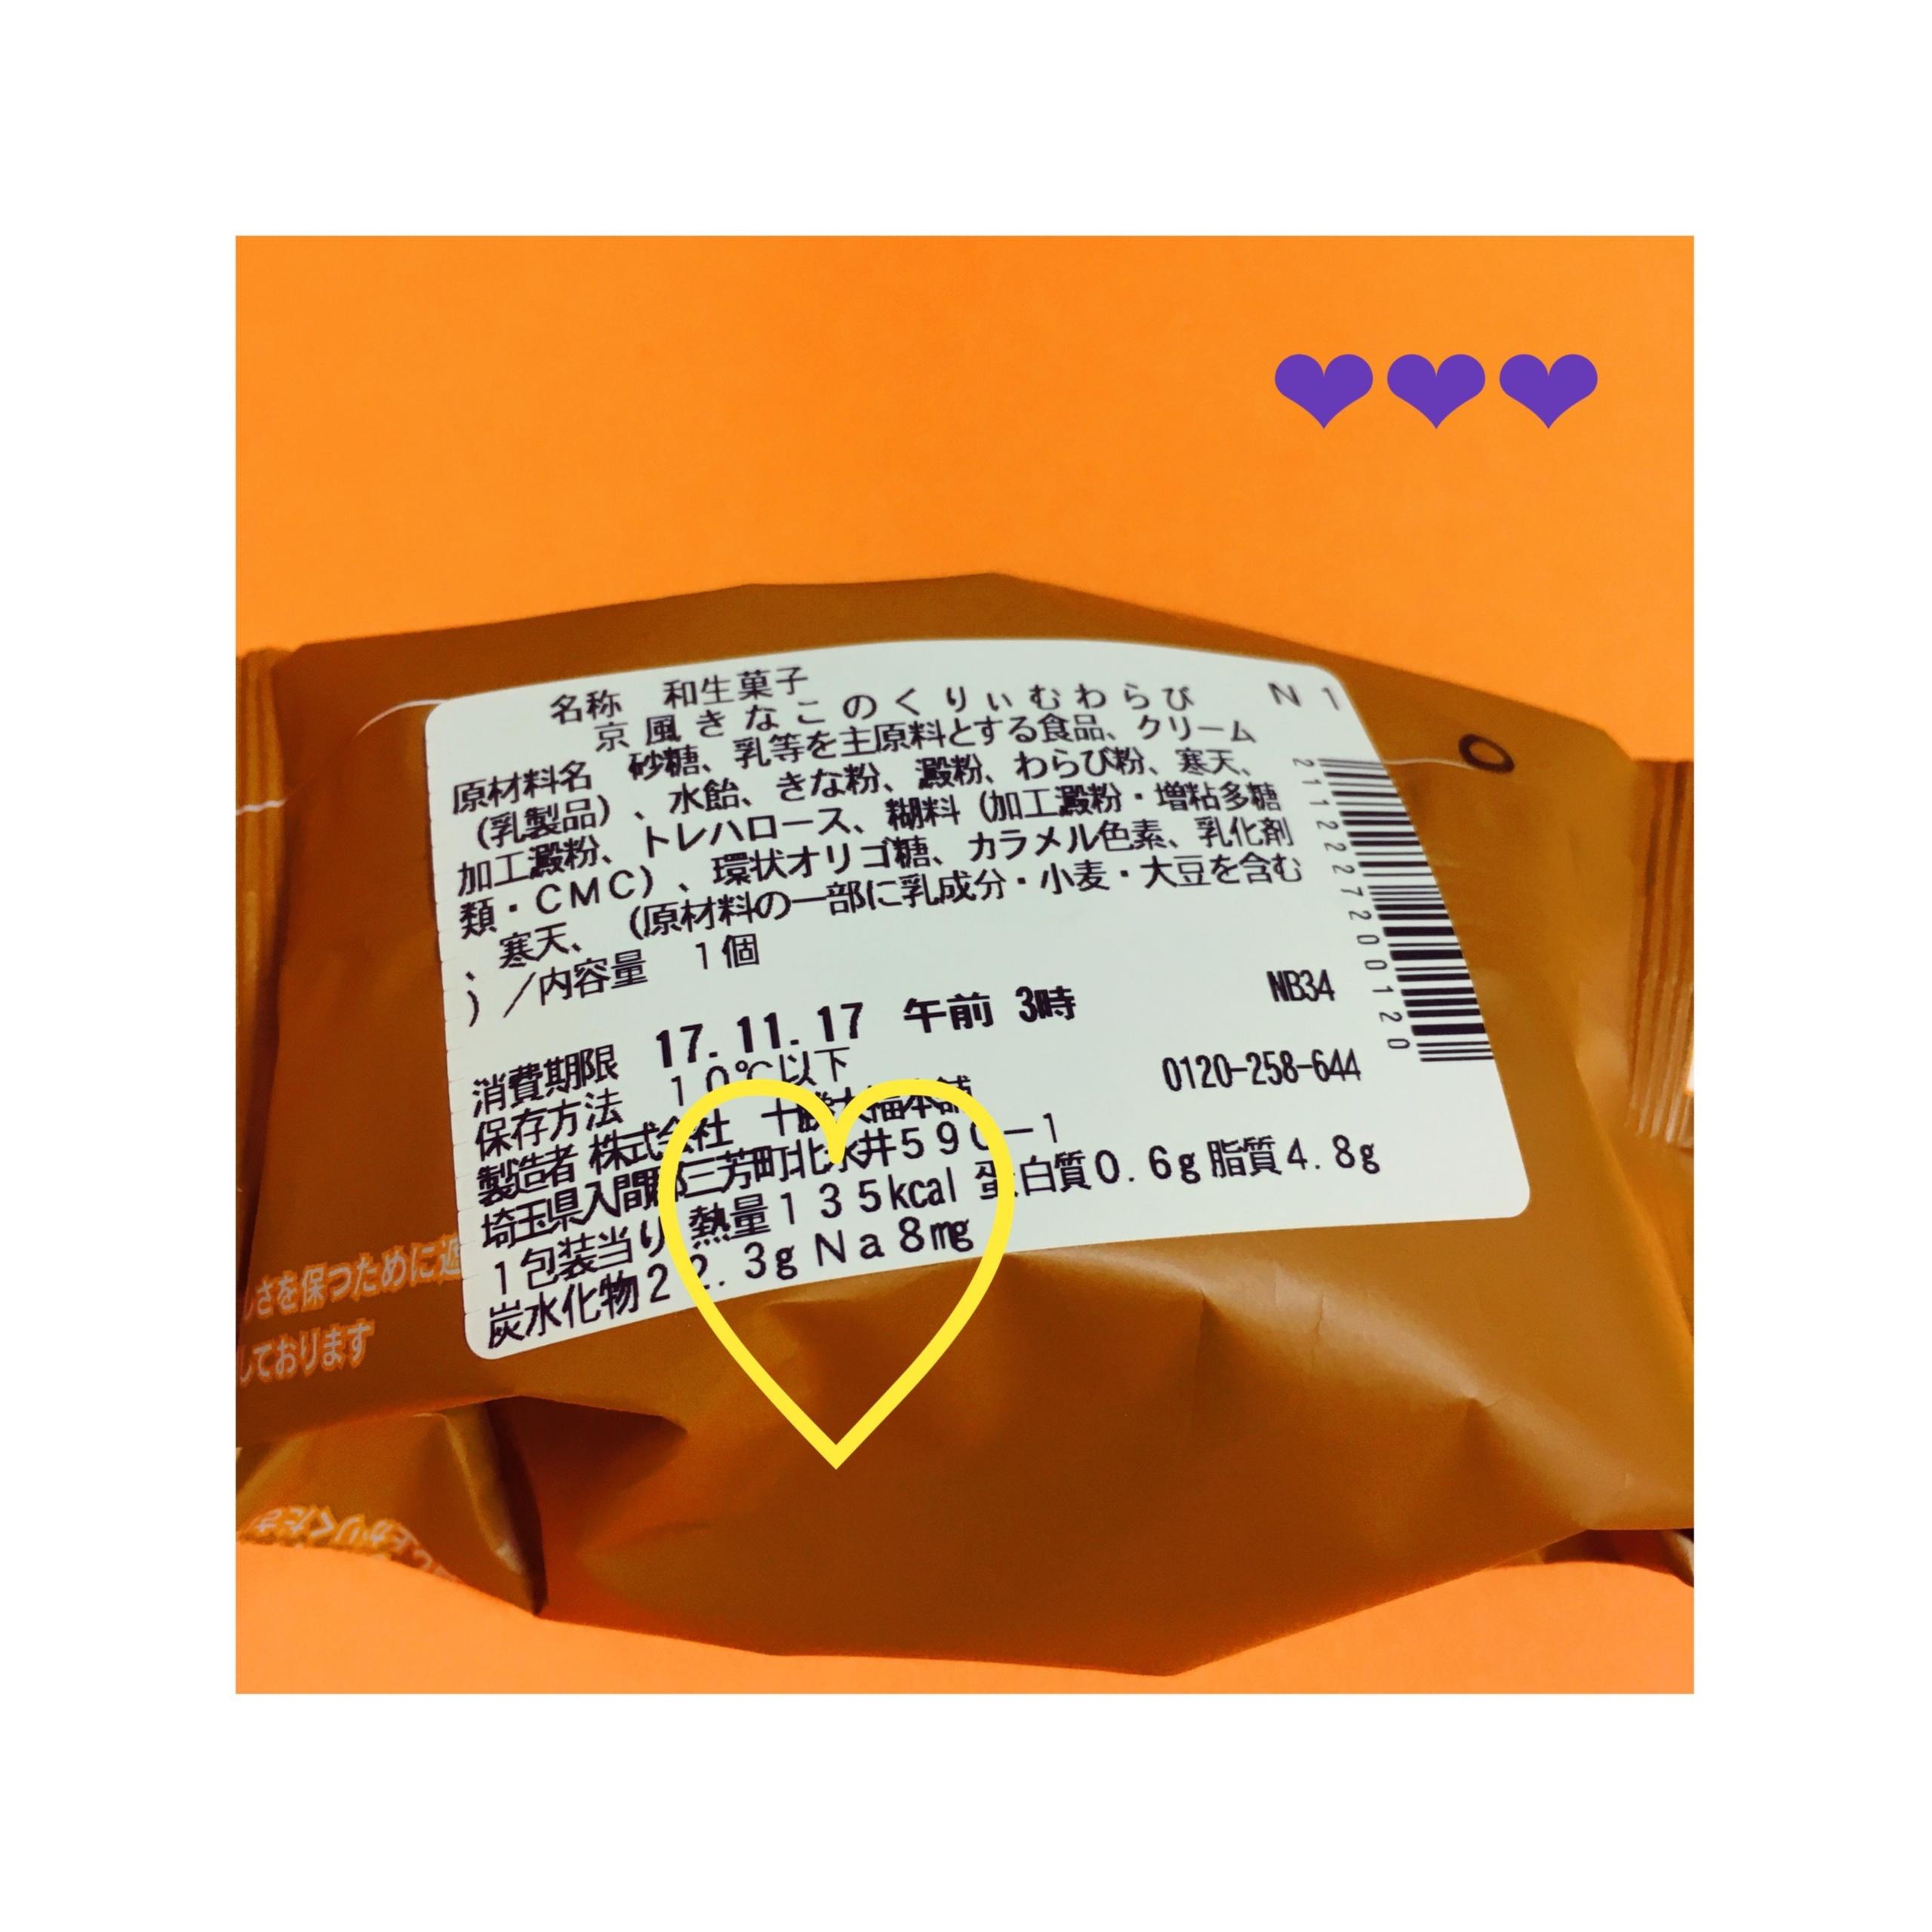 《和スイーツ好き必見!★》【コンビニスイーツ】セブンイレブンのふわっとろ〝京風きなこのくりぃむわらび〟黒蜜入りを食べてみました❤️_5